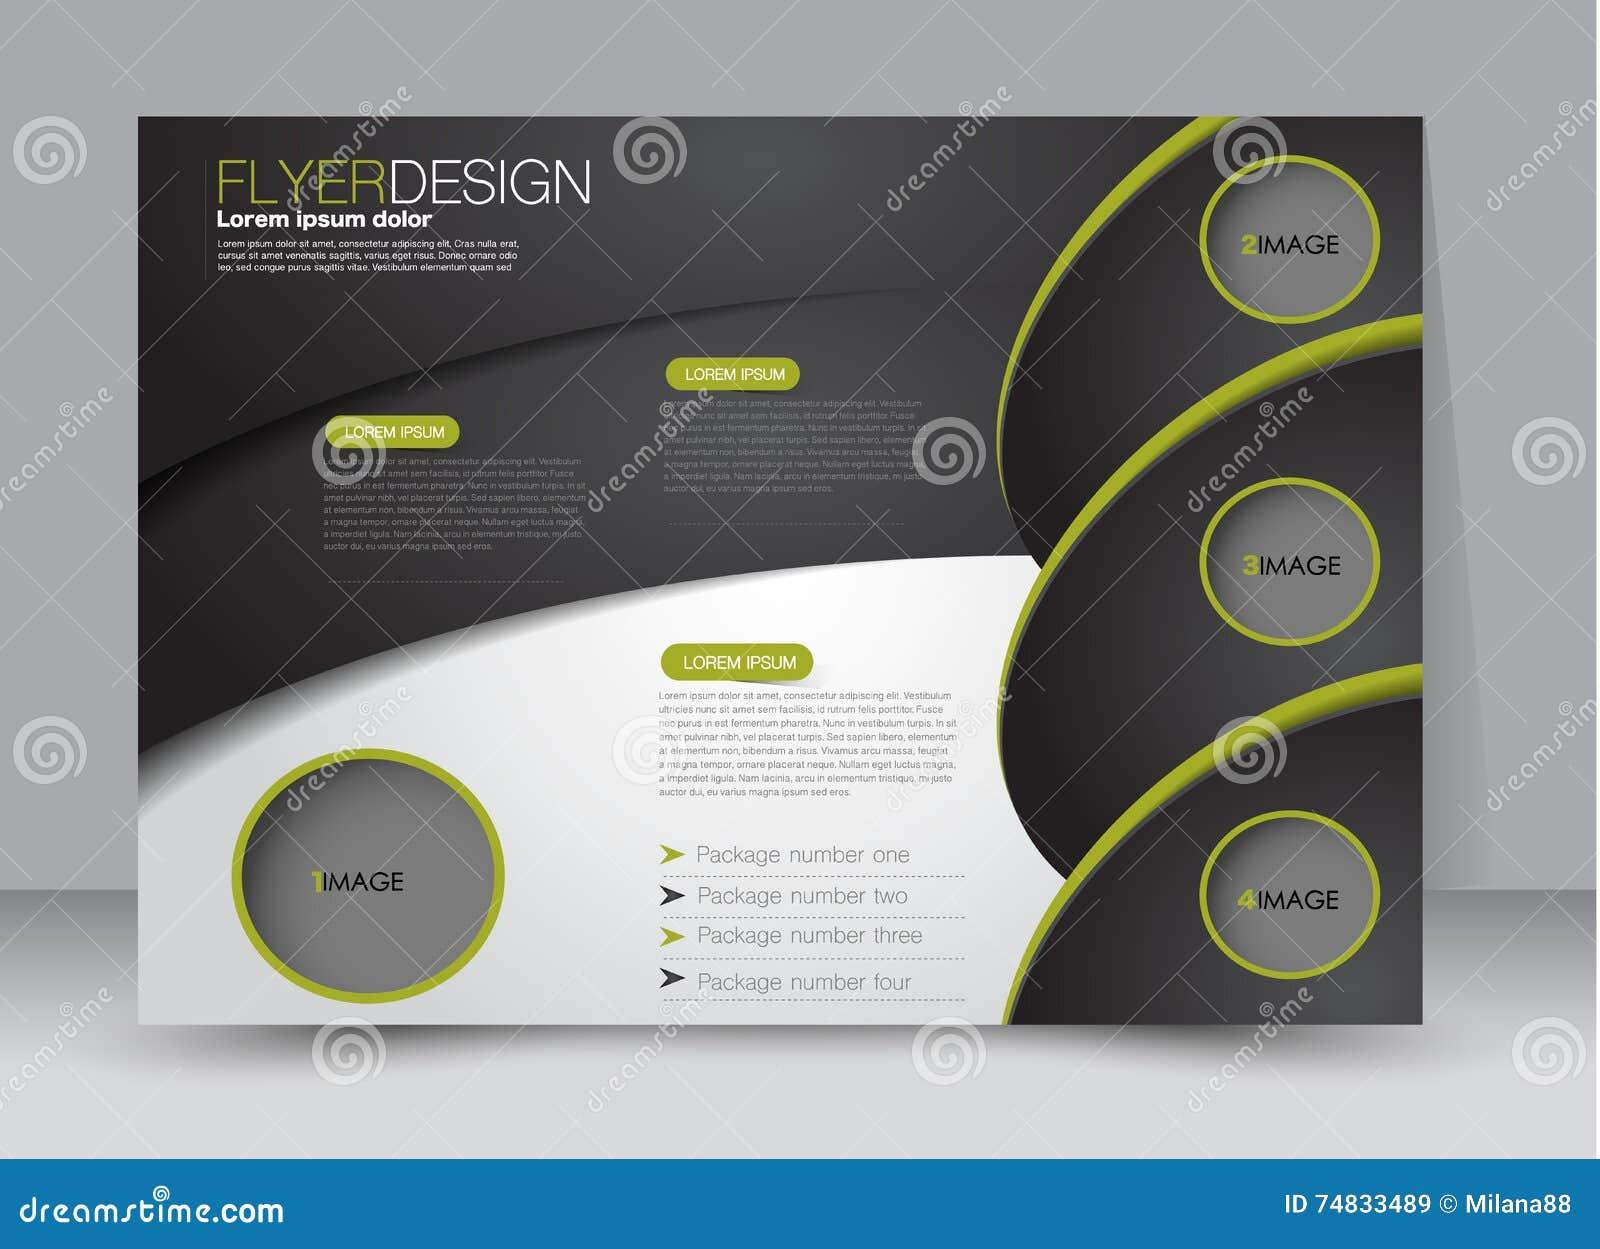 Flyer, Brochure, Billboard Template Design Landscape Orientation For ...